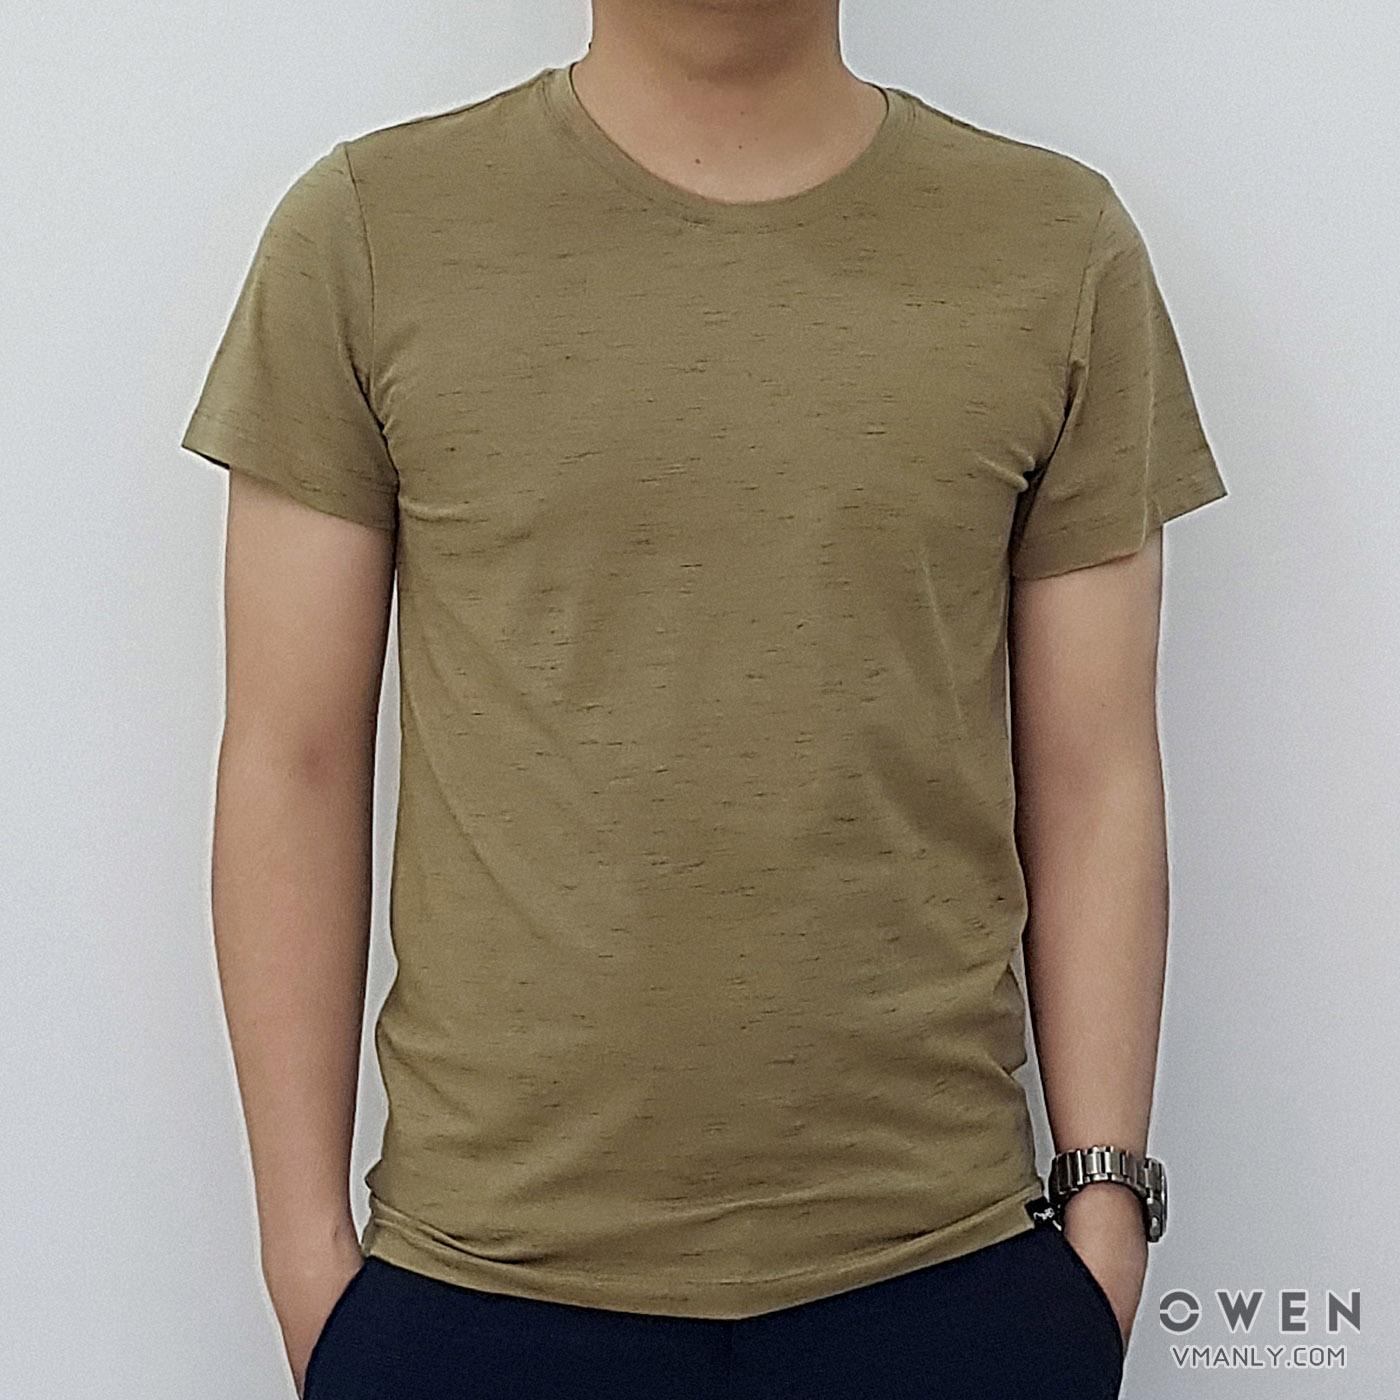 Áo T-shirt nam Owen cổ tròn màu xanh cỏ úa TS18246N